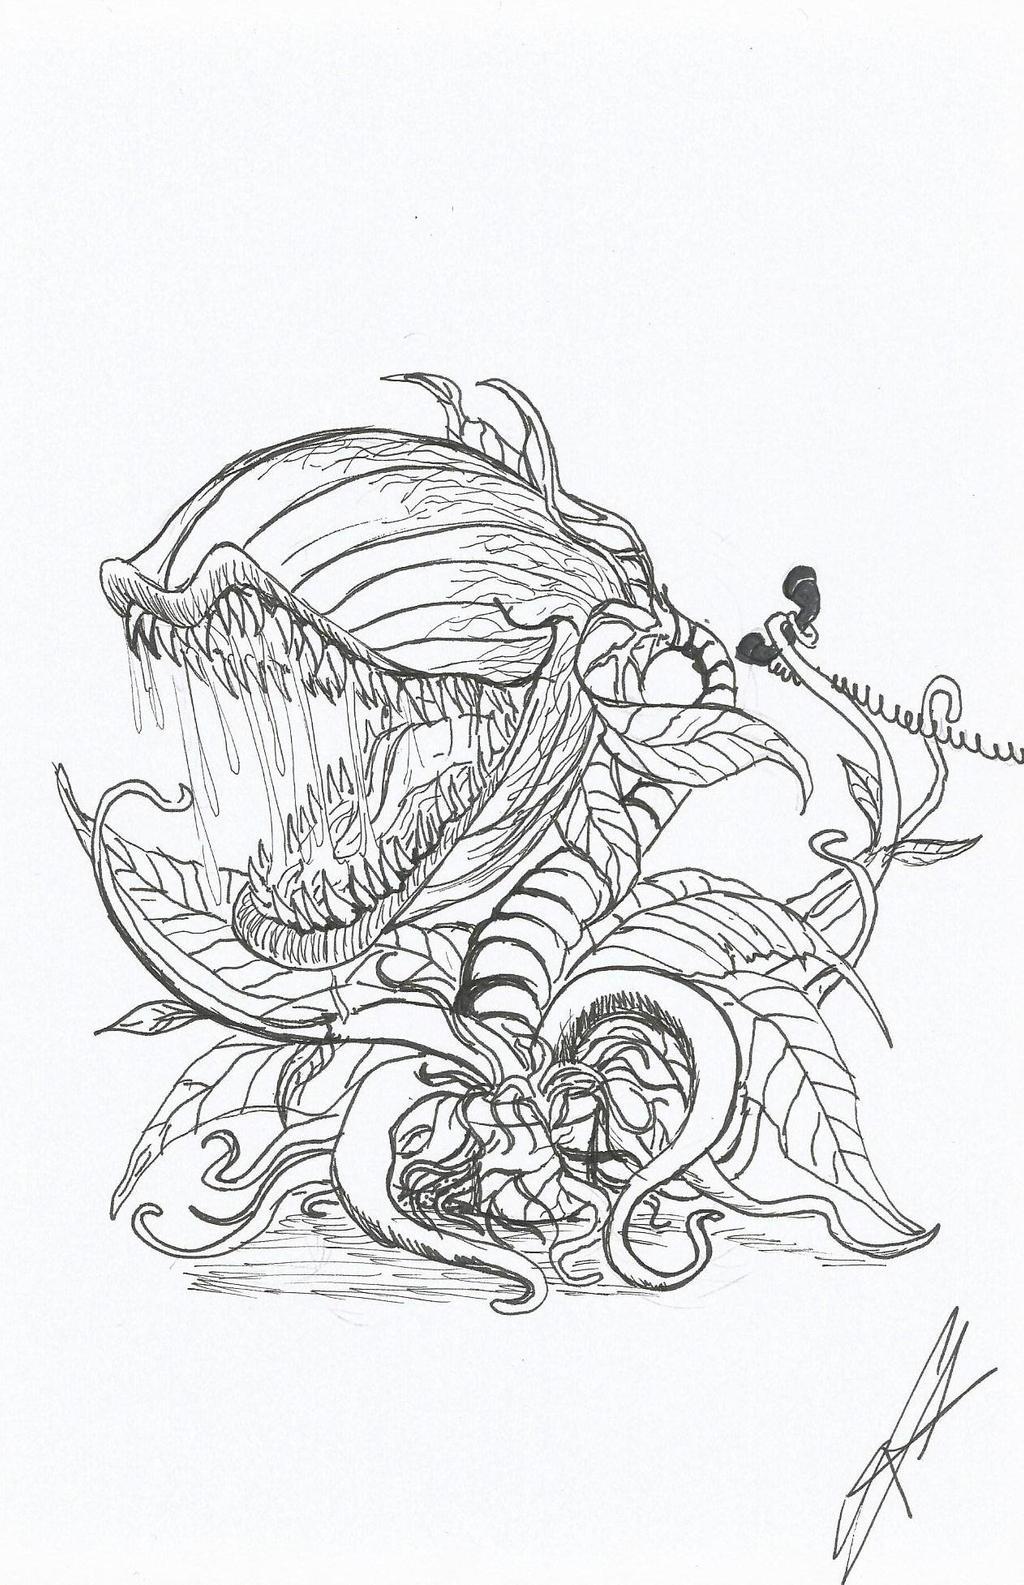 dilophosaurus coloring page - dilophosaurus rex coloring pages